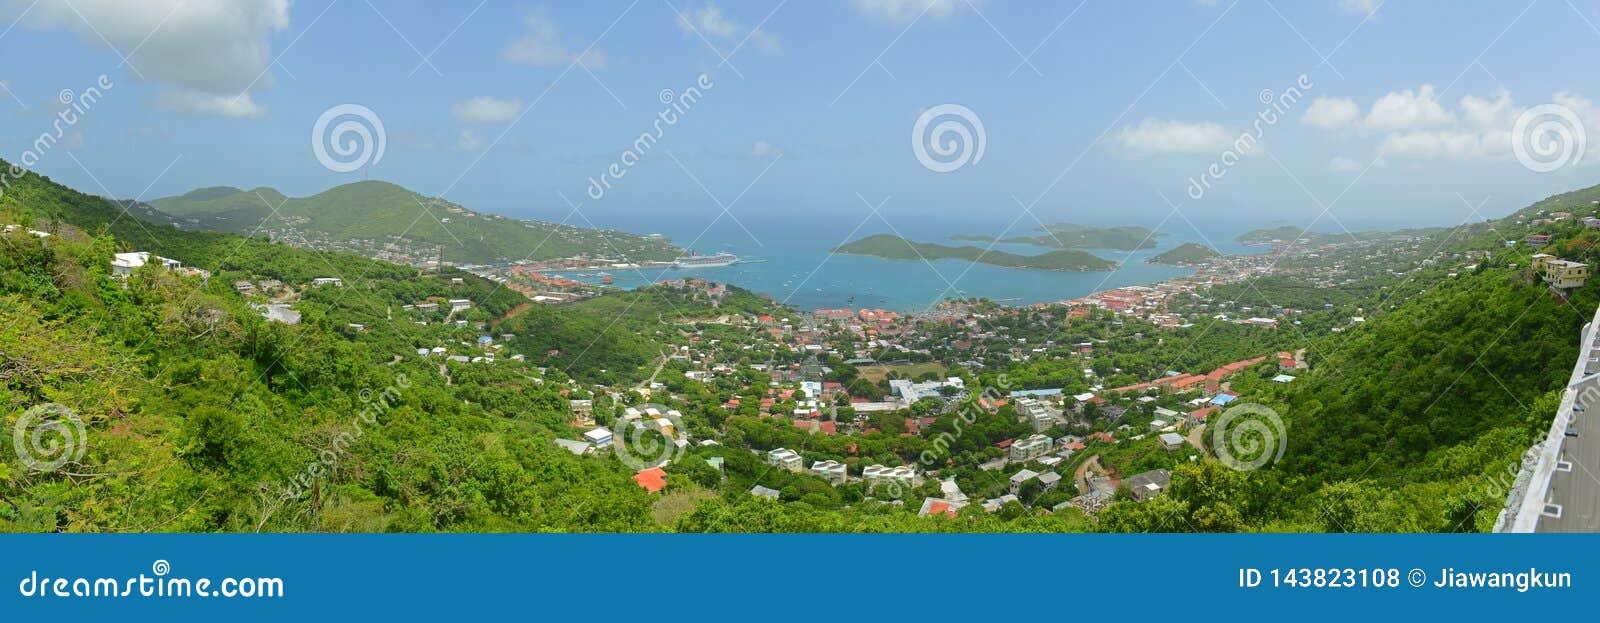 Σαρλόττα Amalie, νησί Αγίου Thomas, αμερικανικοί Παρθένοι Νήσοι